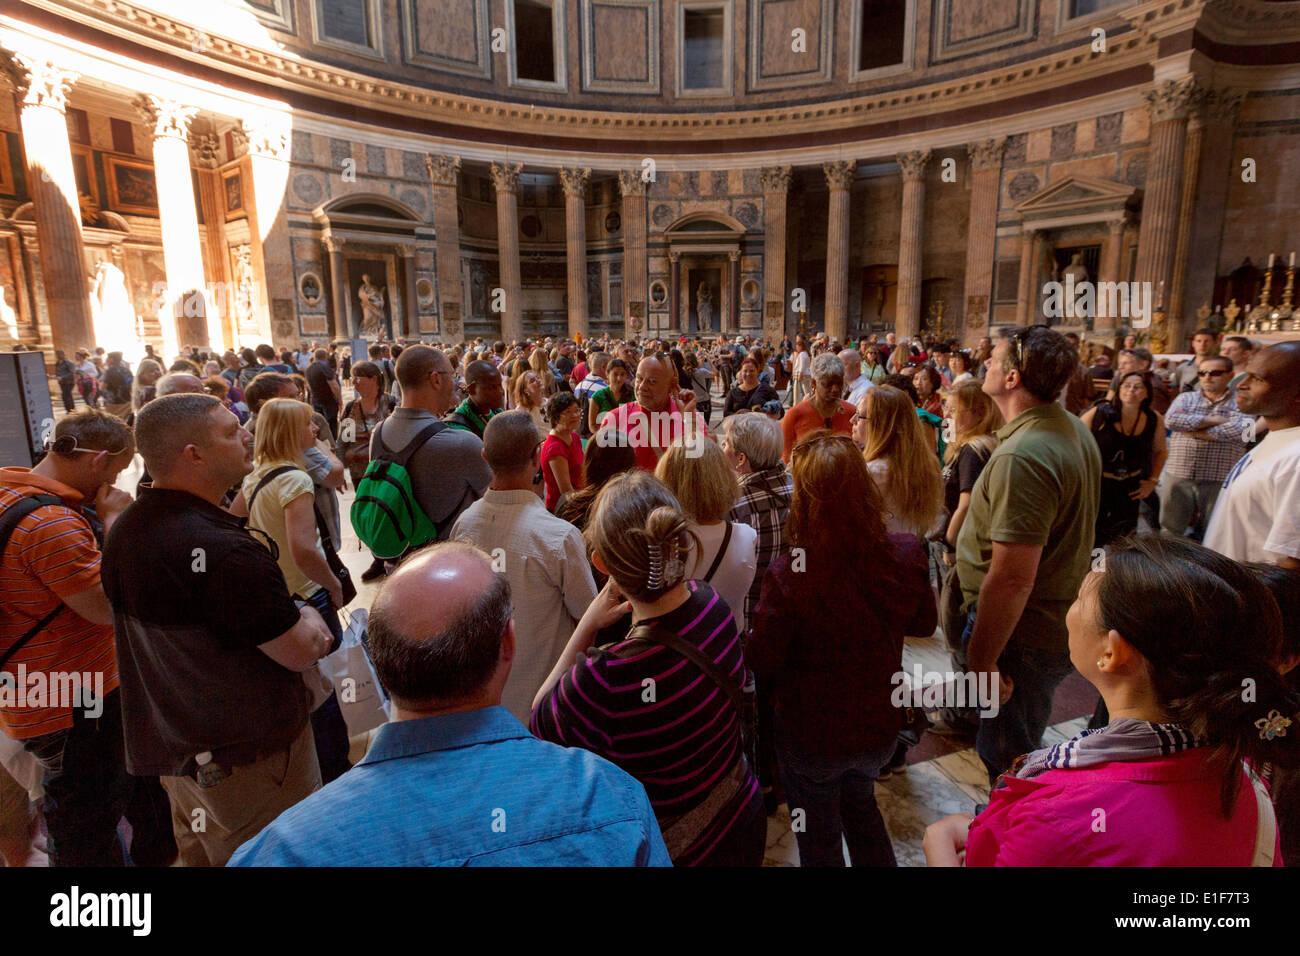 Multitudes de personas en el interior del Panteón, Roma Italia Imagen De Stock